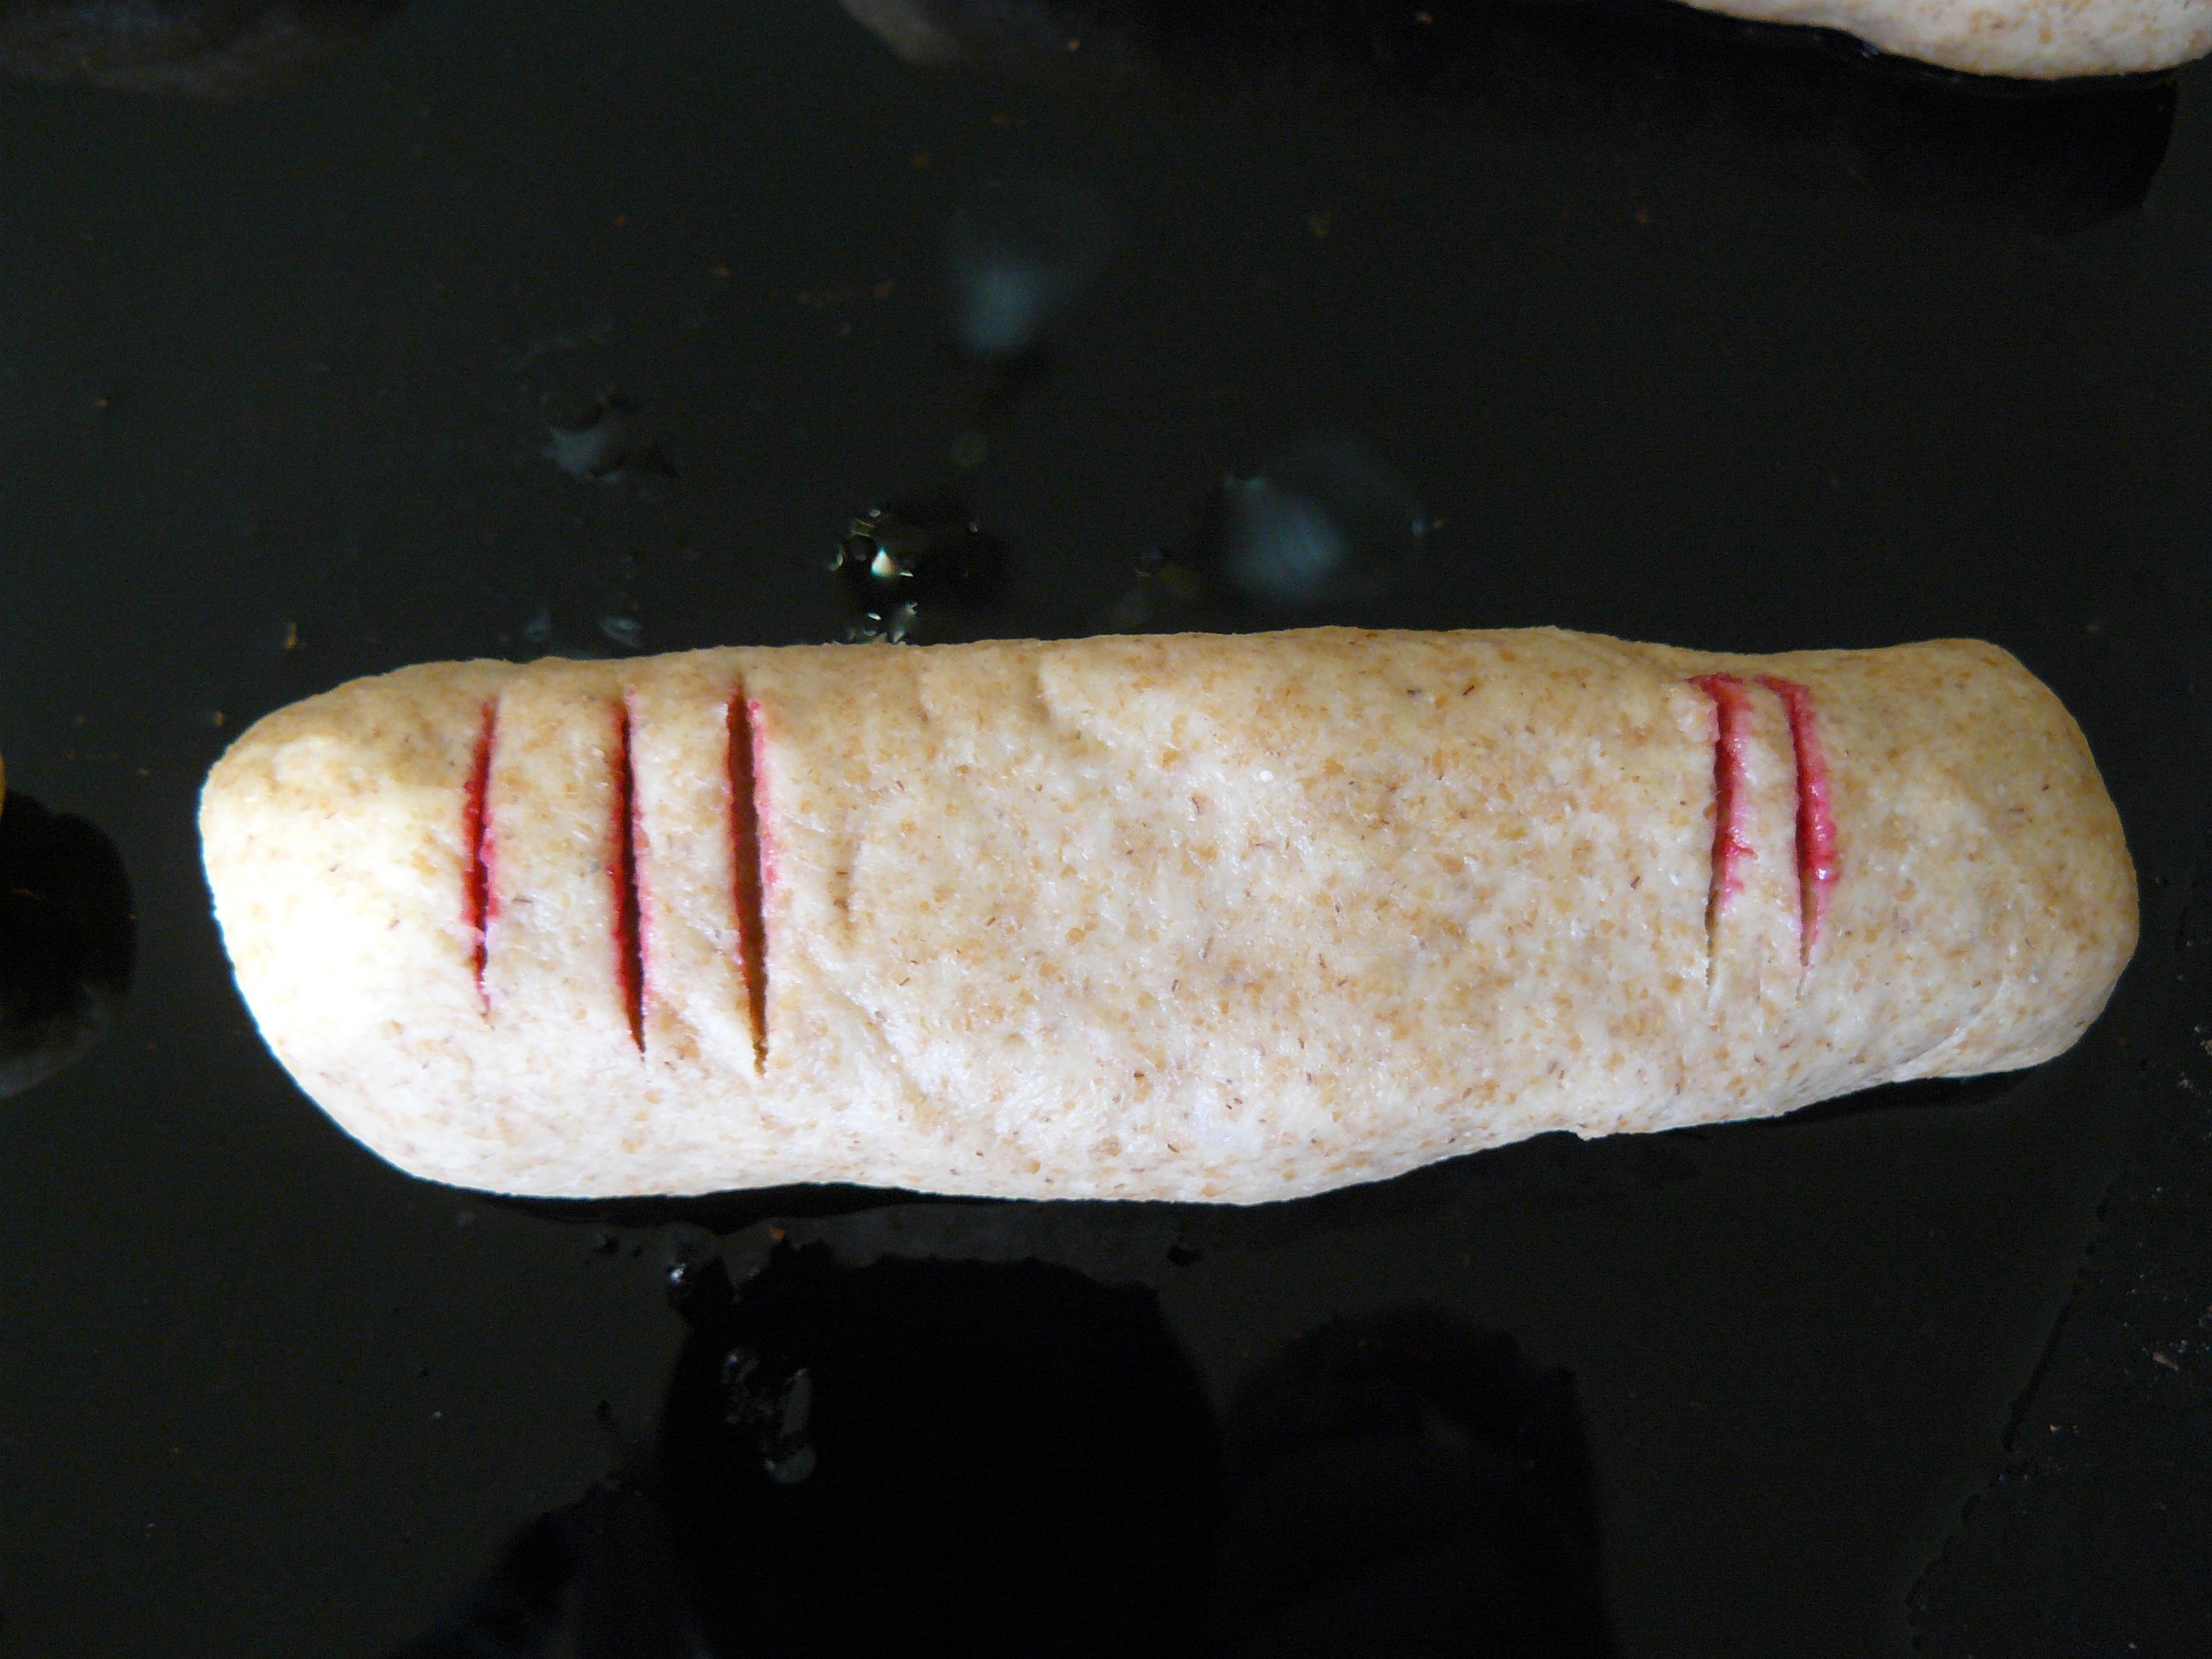 beet-juice-slices-in-dough